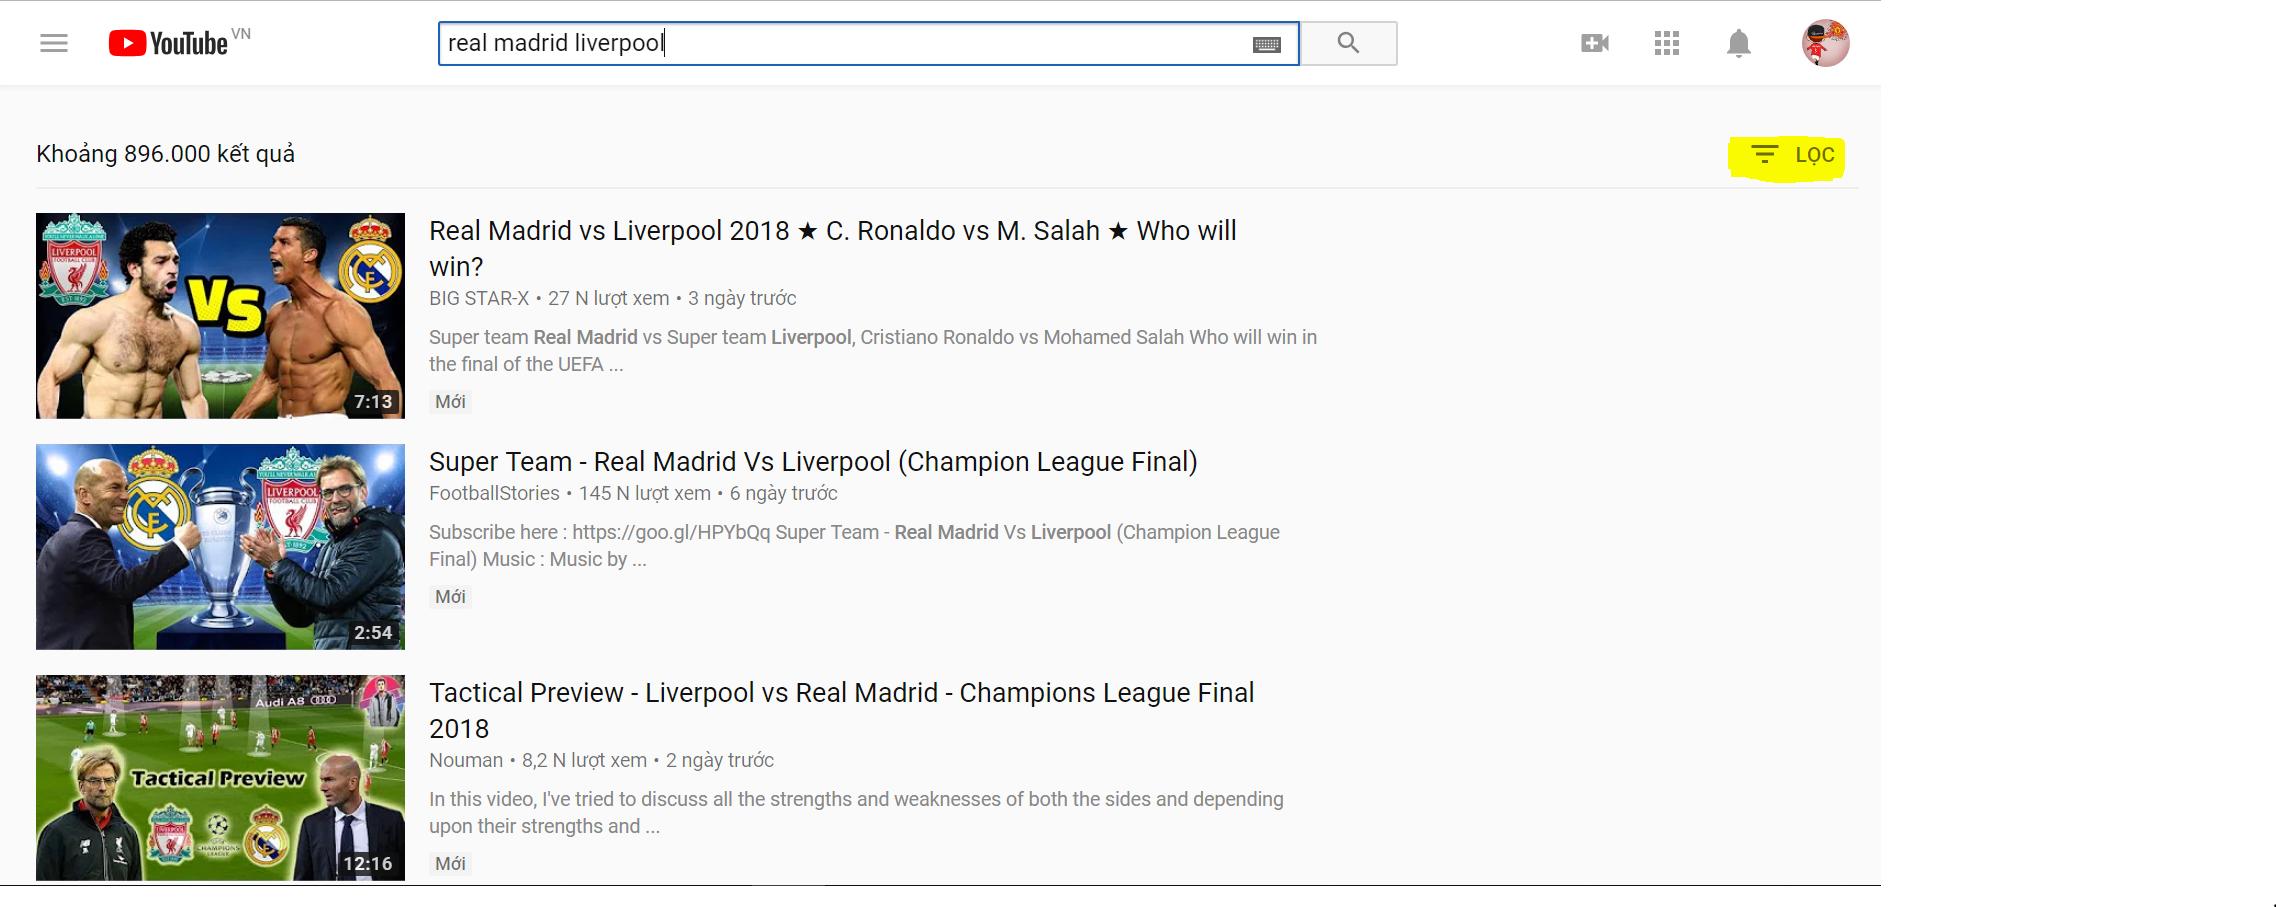 Xem chung kết C1 phát miễn phí trên Youtube